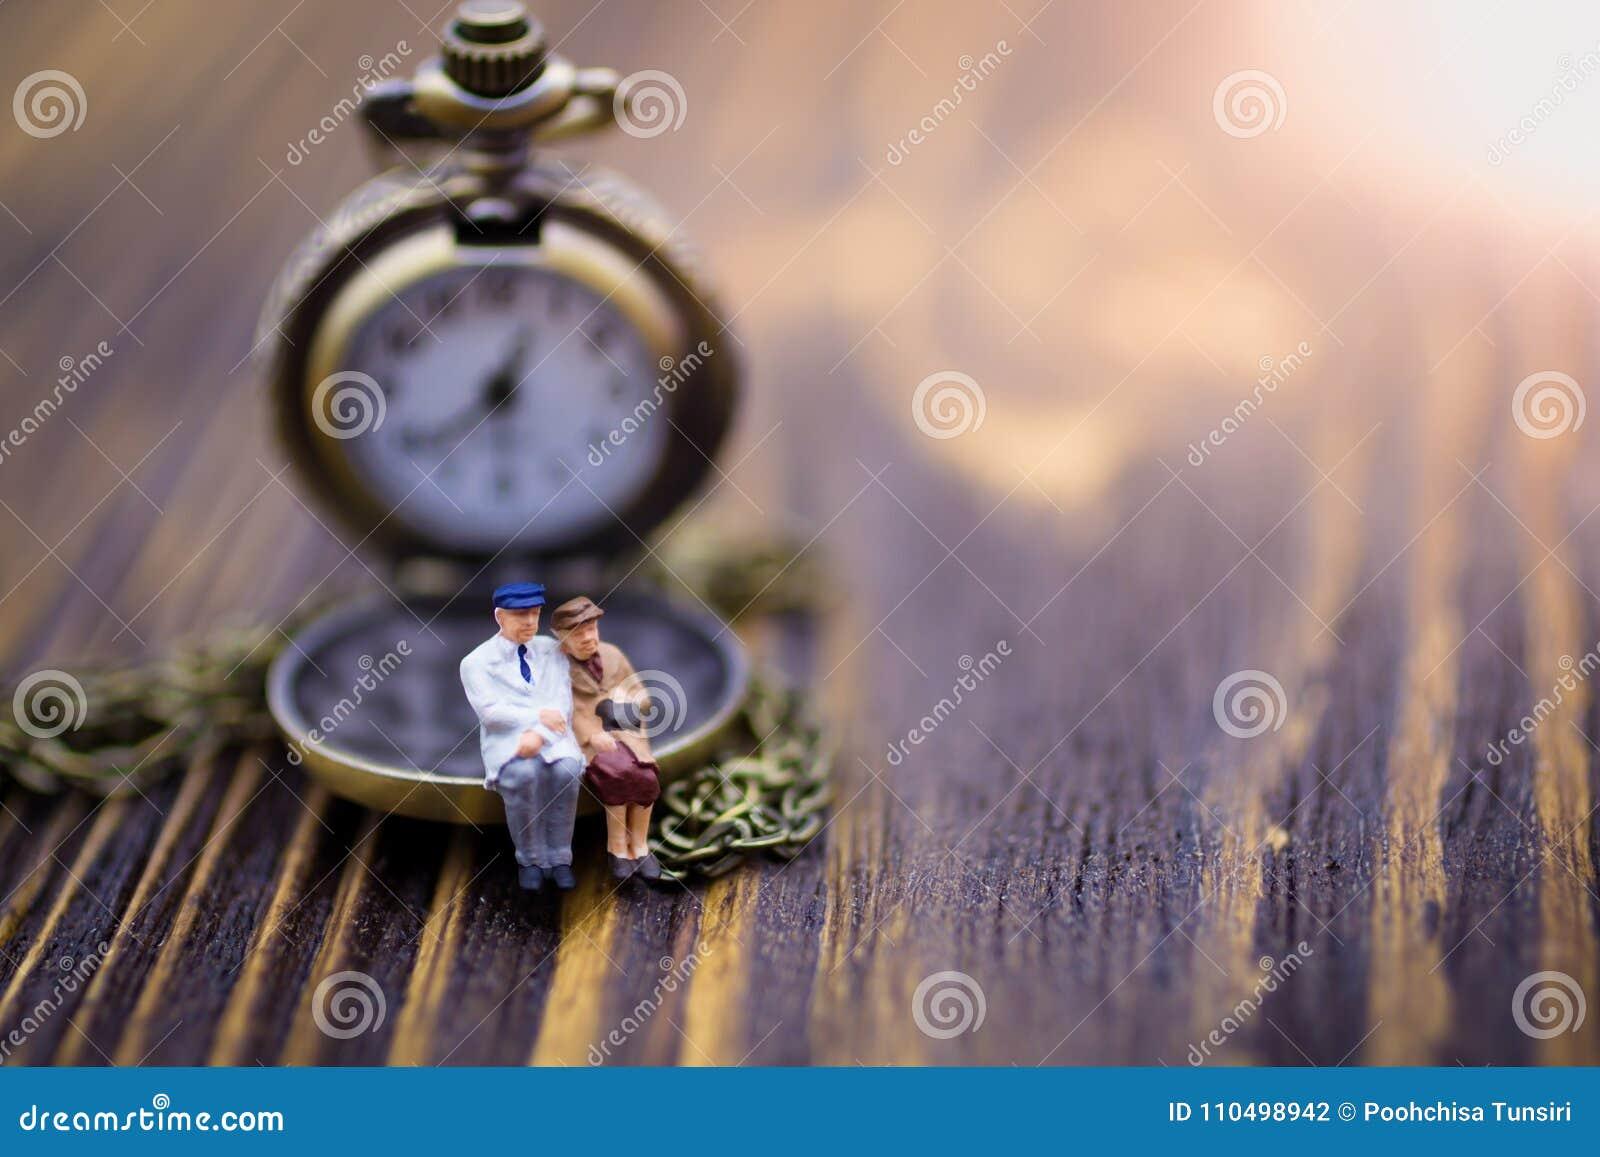 Miniatuurmensen: De oude paren zitten op de klok Beeldgebruik voor samen het doorbrengen van kostbare notulen elke minuut